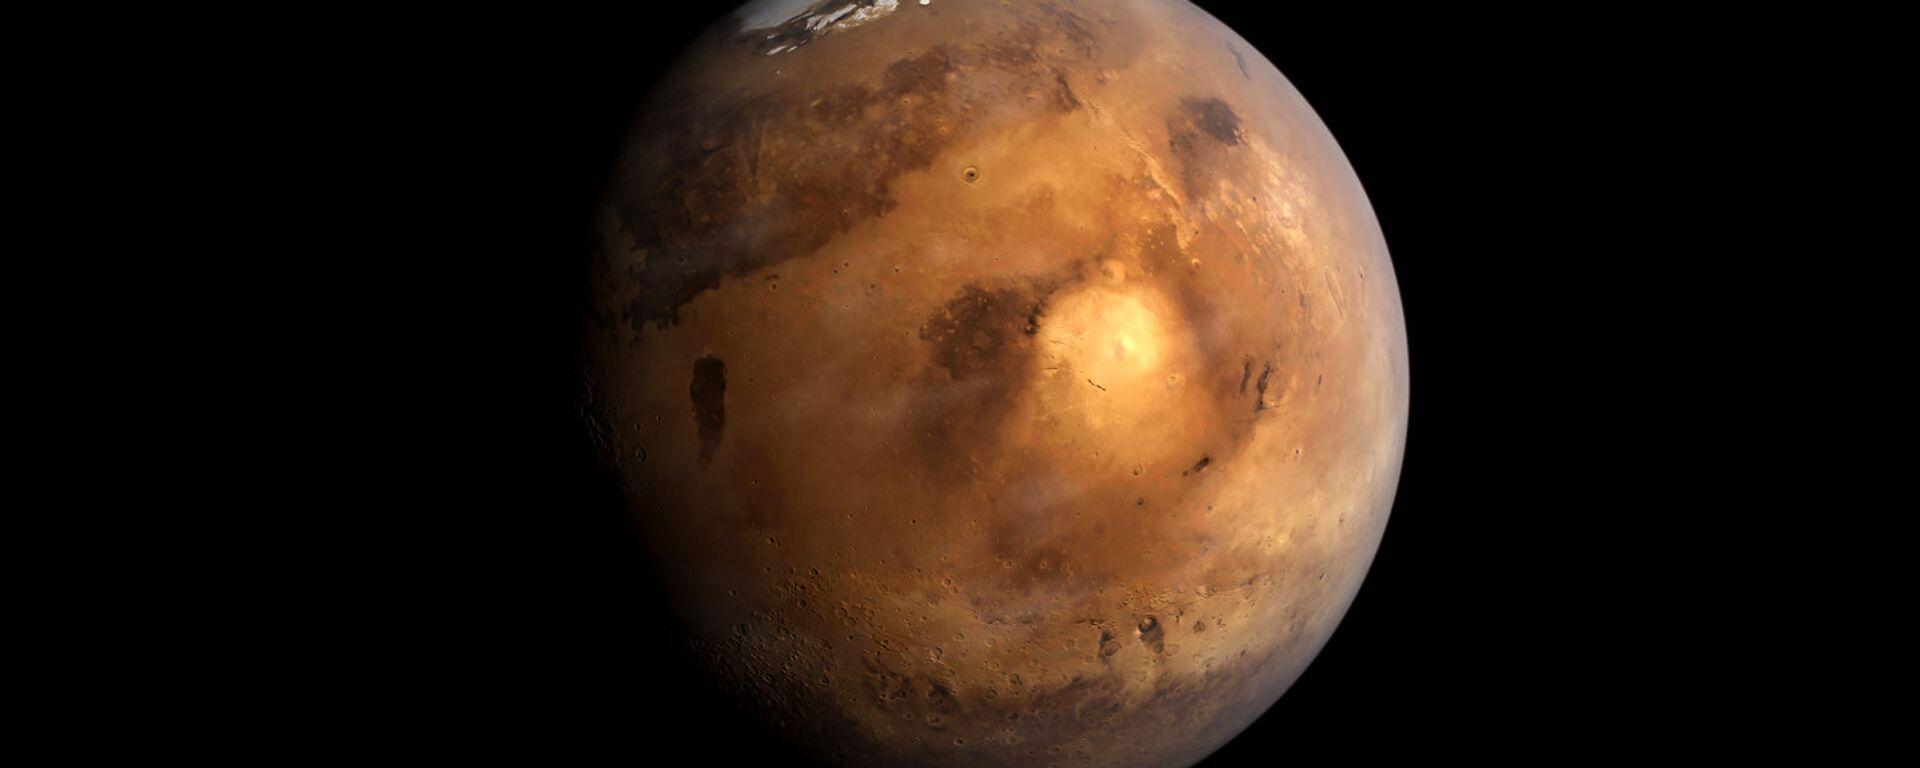 Планета Марс - Sputnik Узбекистан, 1920, 16.11.2020